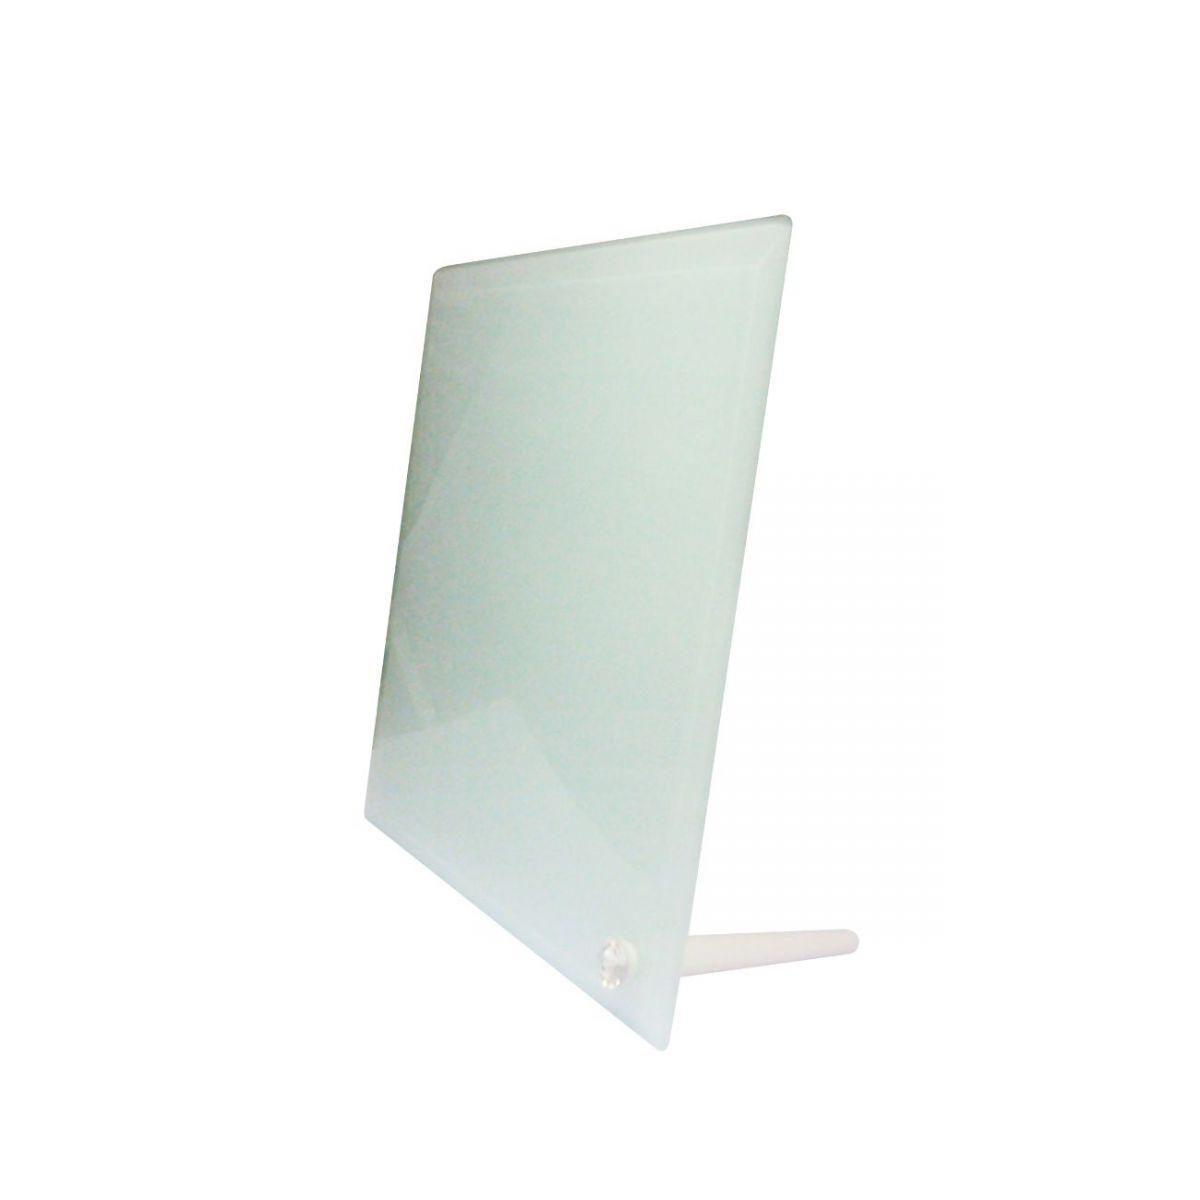 Porta Retrato Vidro Fosco 20x20cm Bordas Chanfradas Personalizado com Suporte